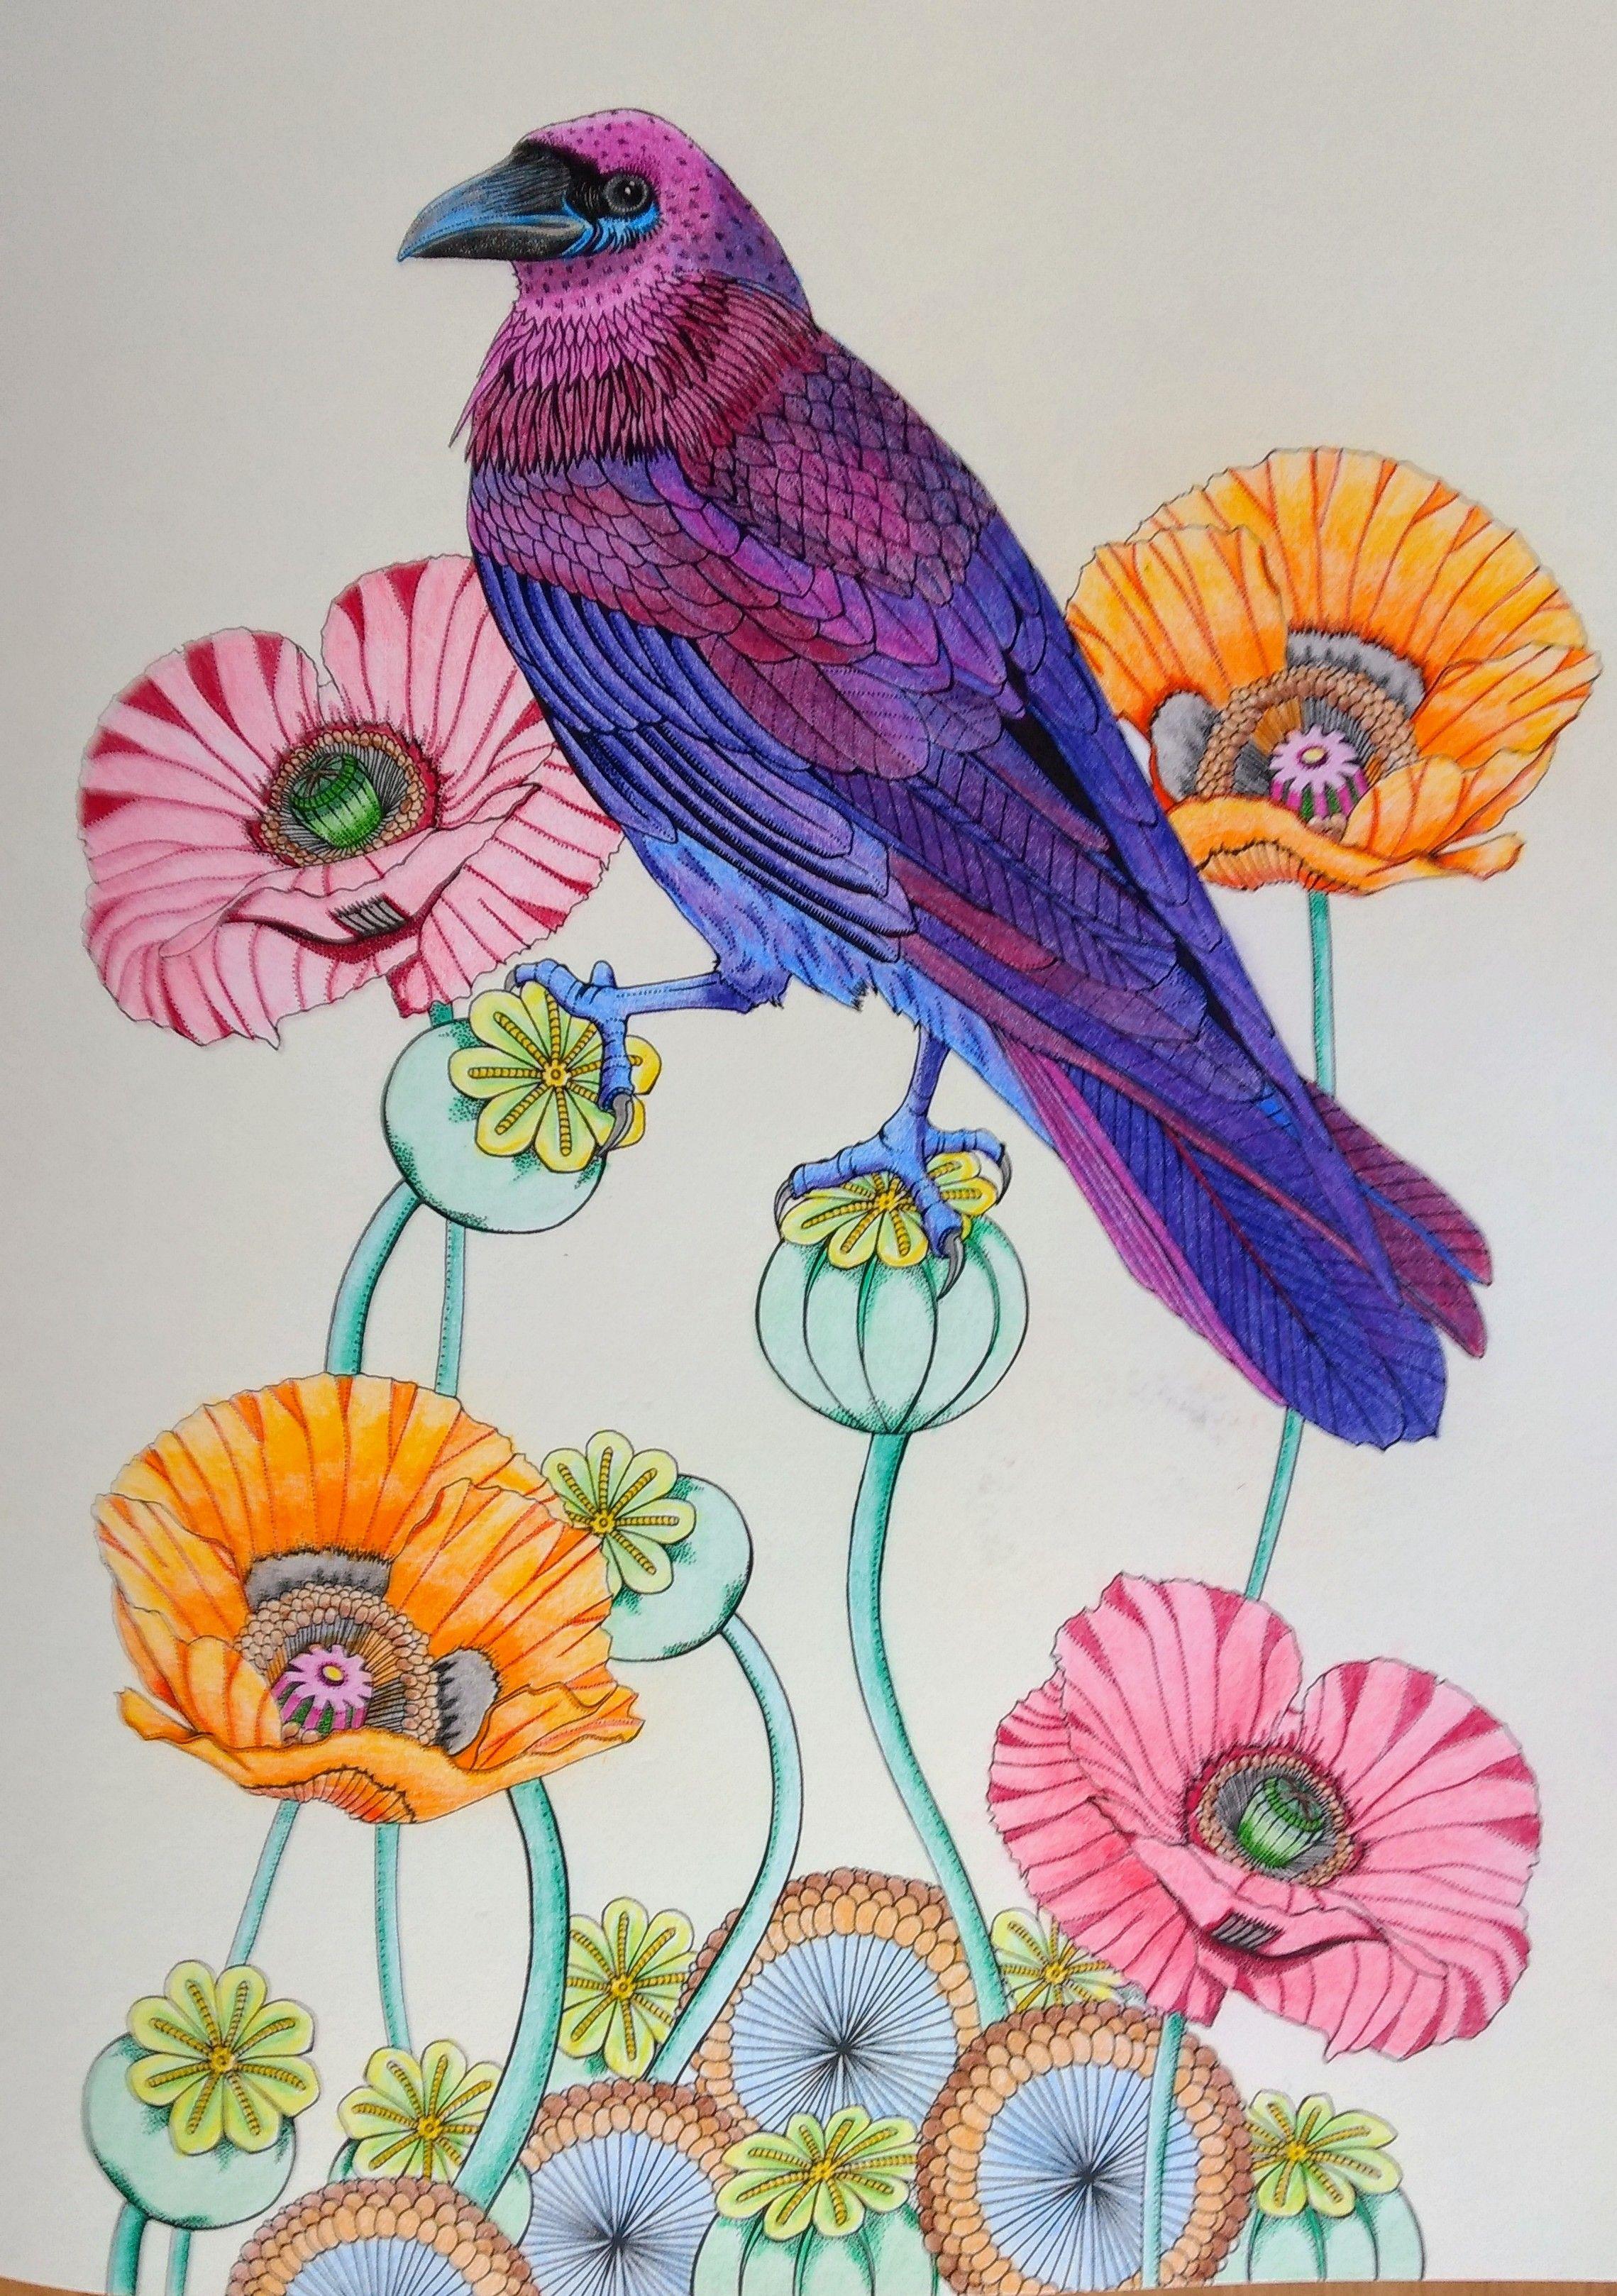 Uit Het Boek Vogel Paradijs Van Daisy Fletcher From The Book Birdtopia From Daisy Fletcher Gekleurd Door Adri Colored Coloring Books Coloring Pages Art